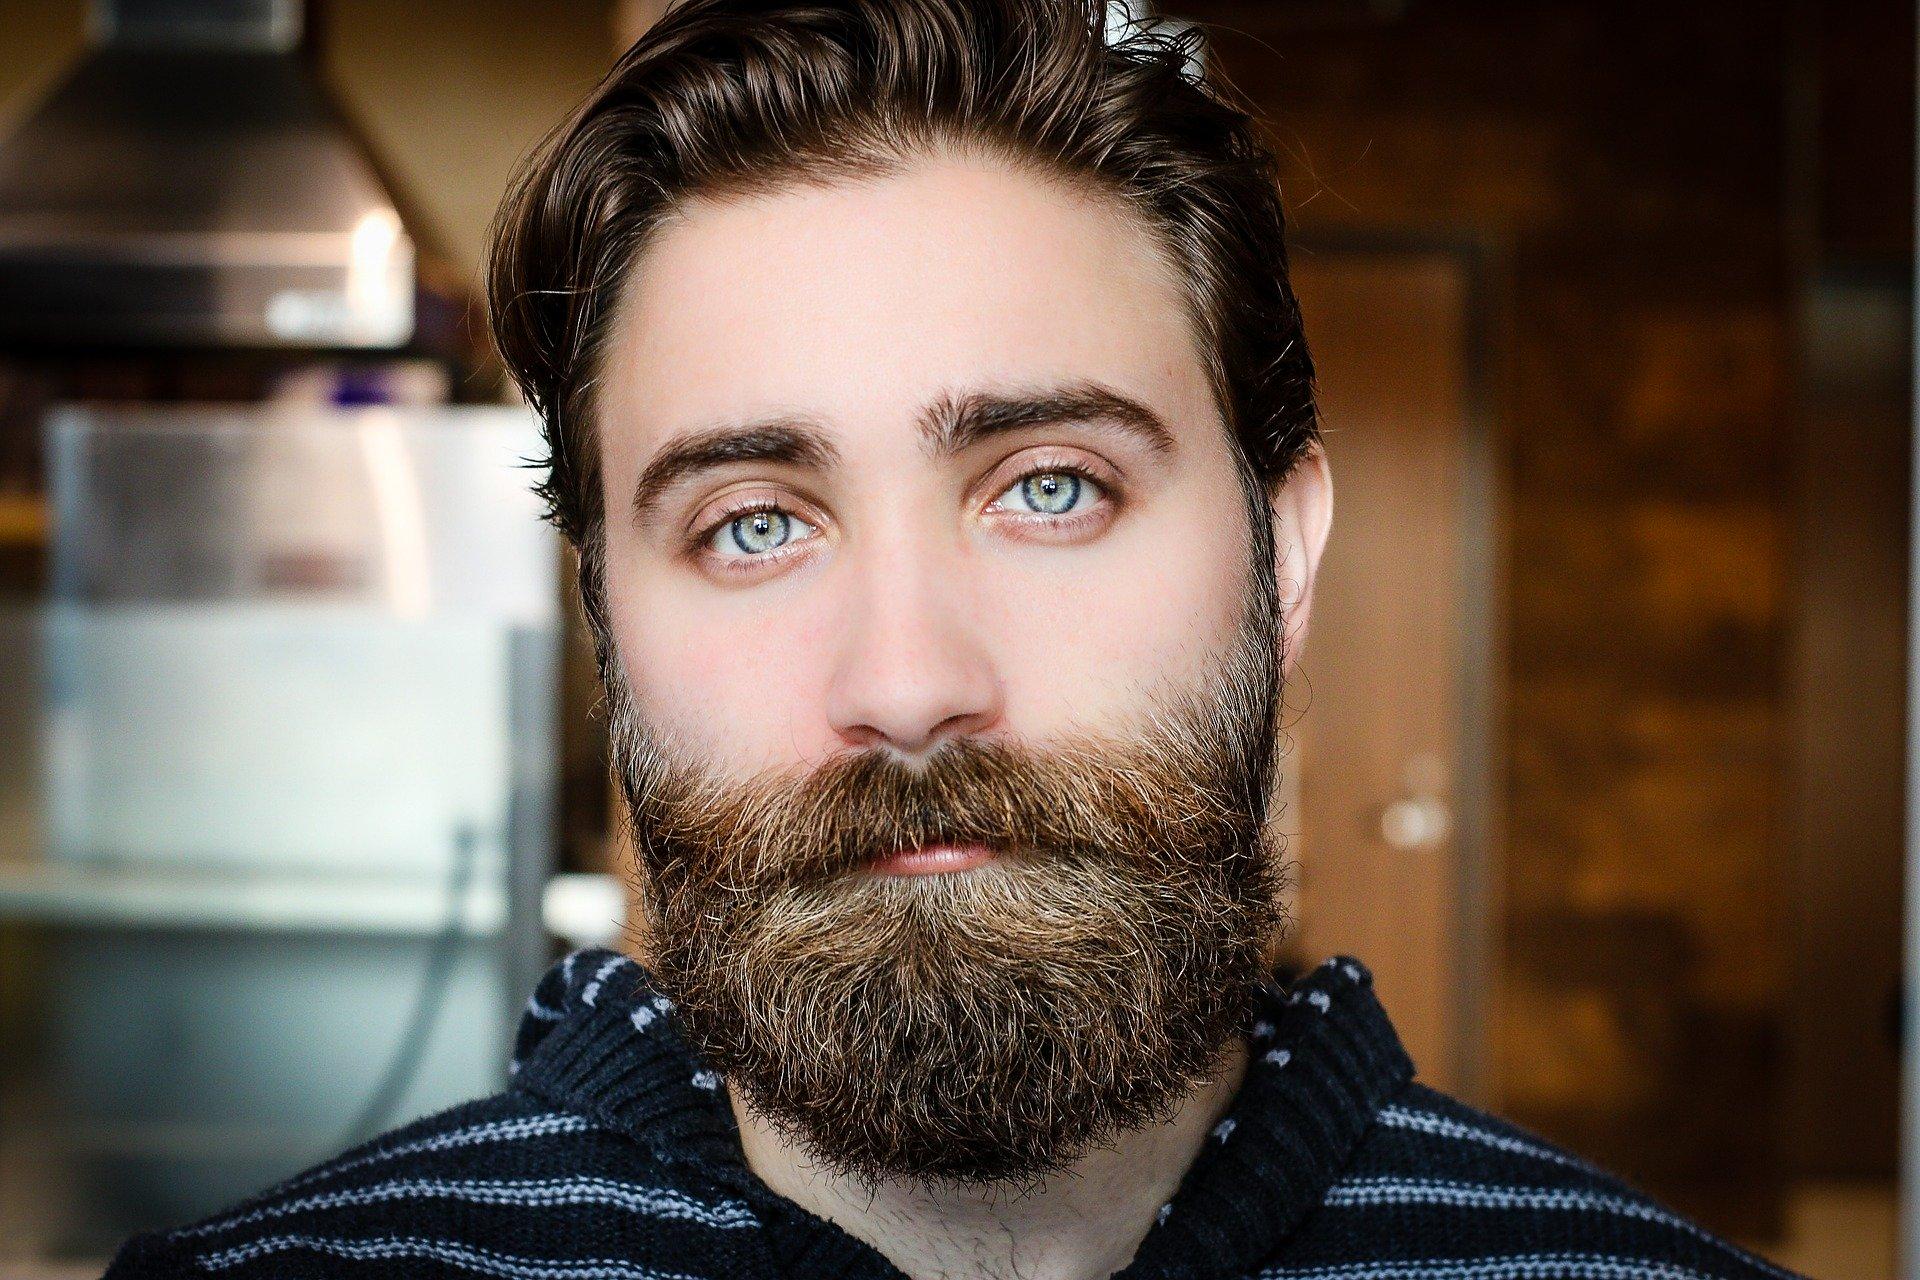 Imagem mostra um homem barbudo em destaque.